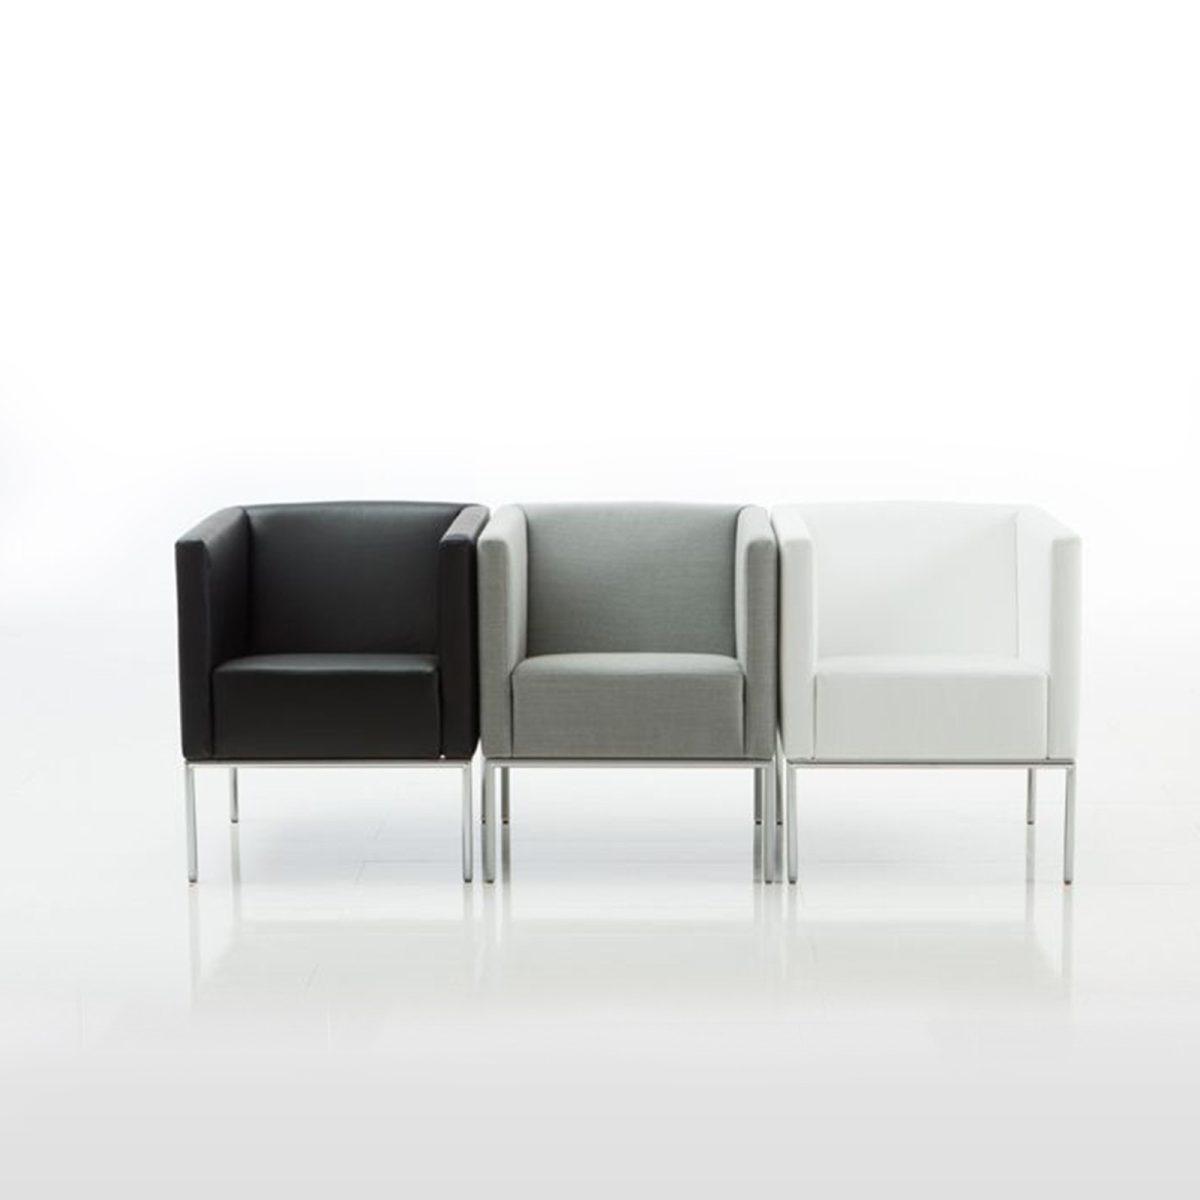 Brühl Add Sessel, Sofas, Funktionssofas und Schlafsofa online kaufen